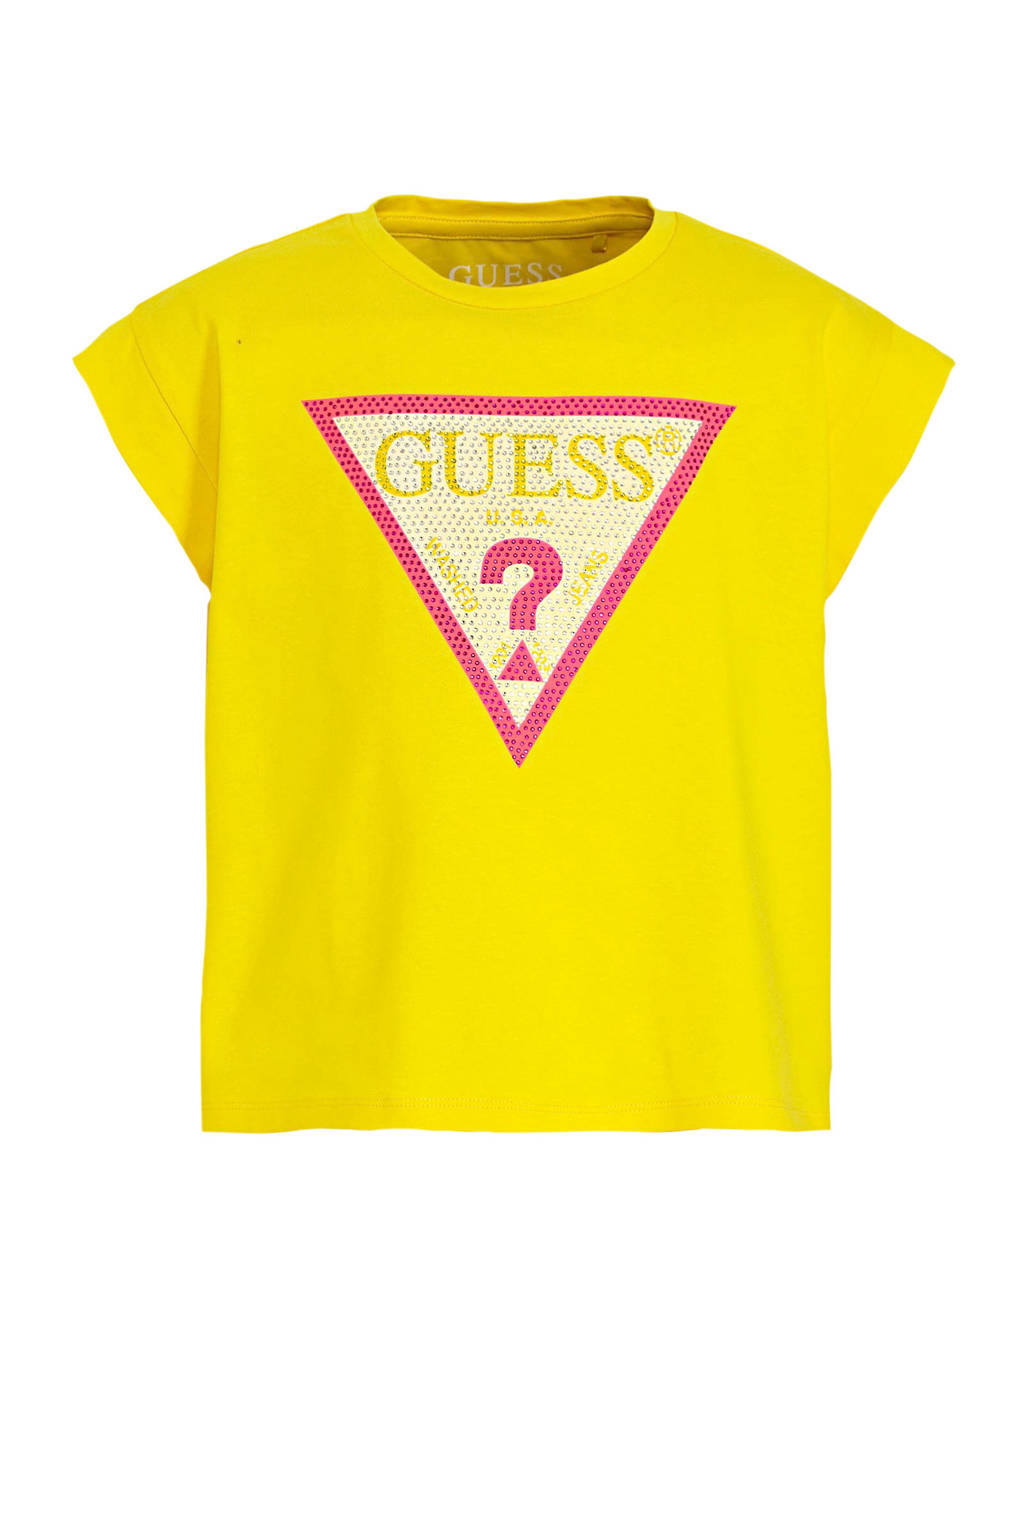 GUESS T-shirt met logo geel, Geel